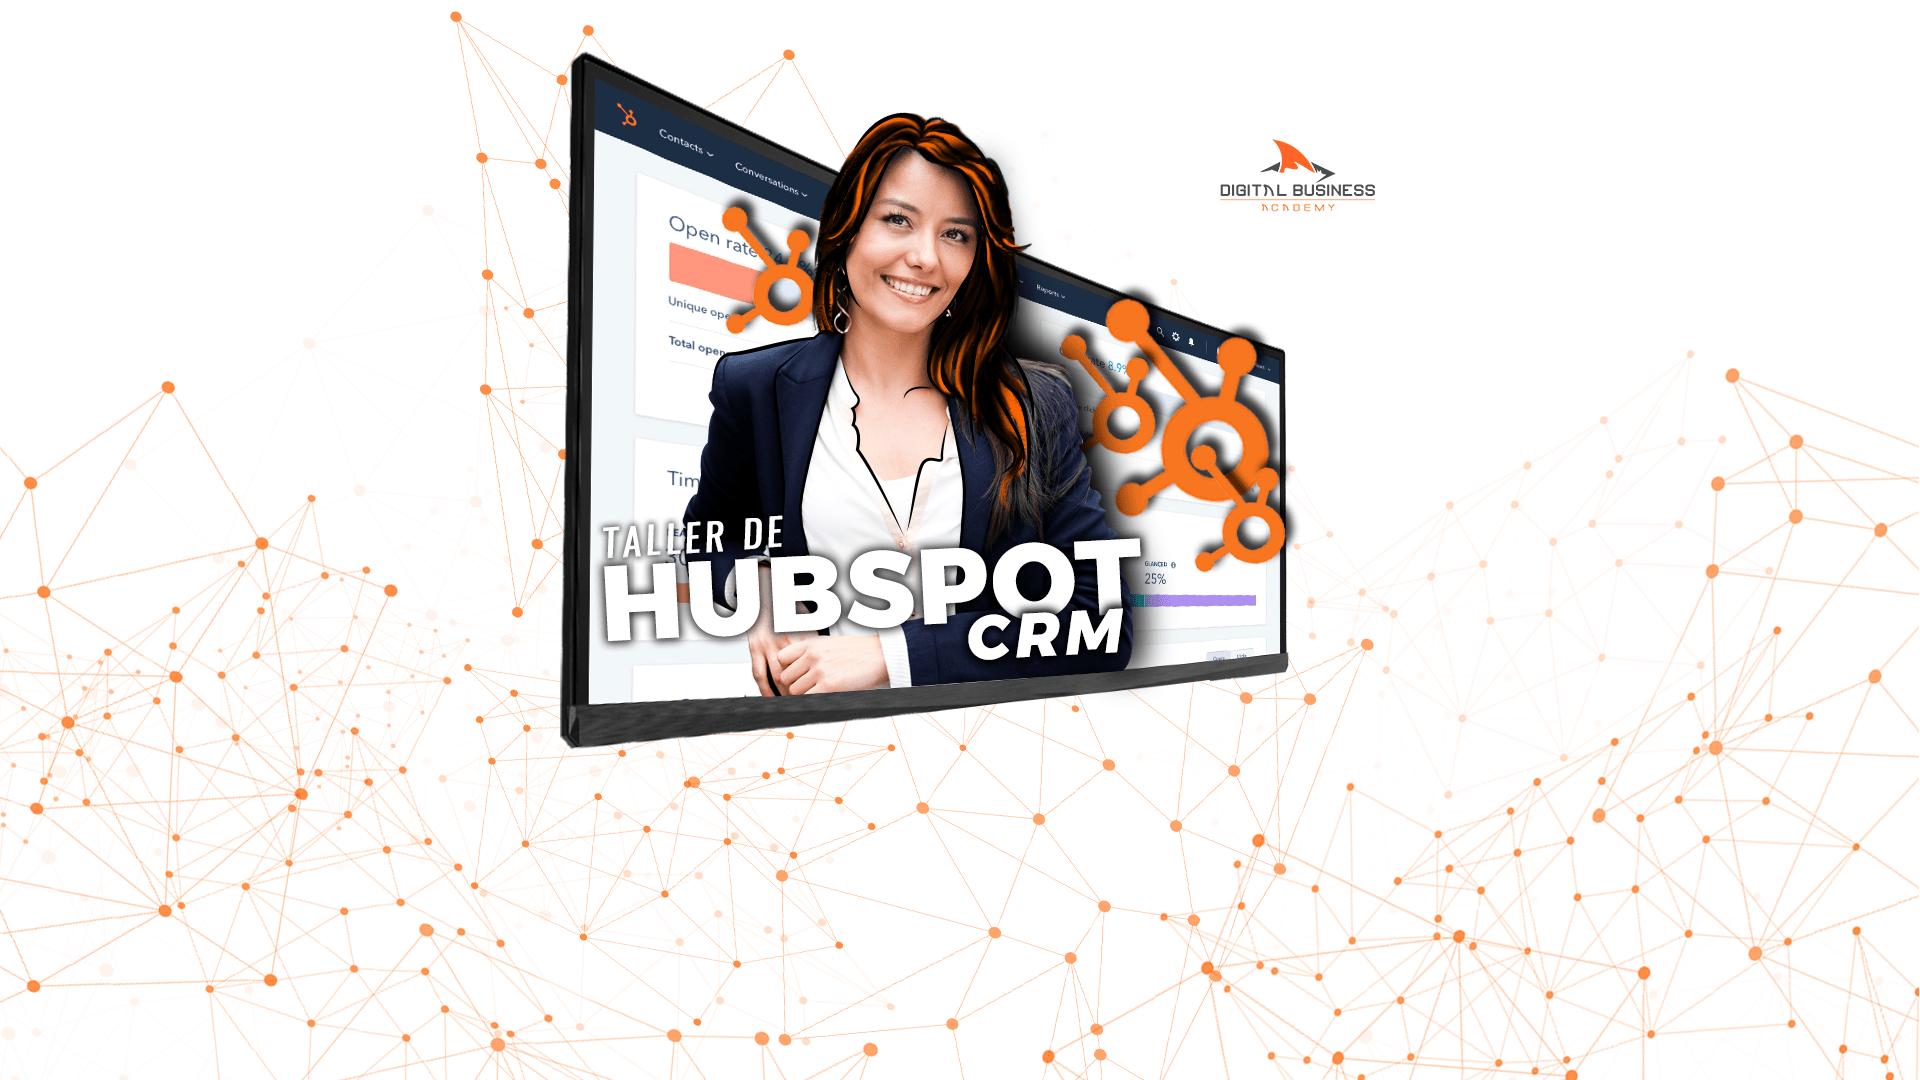 marketing-digital-hubspot-crm